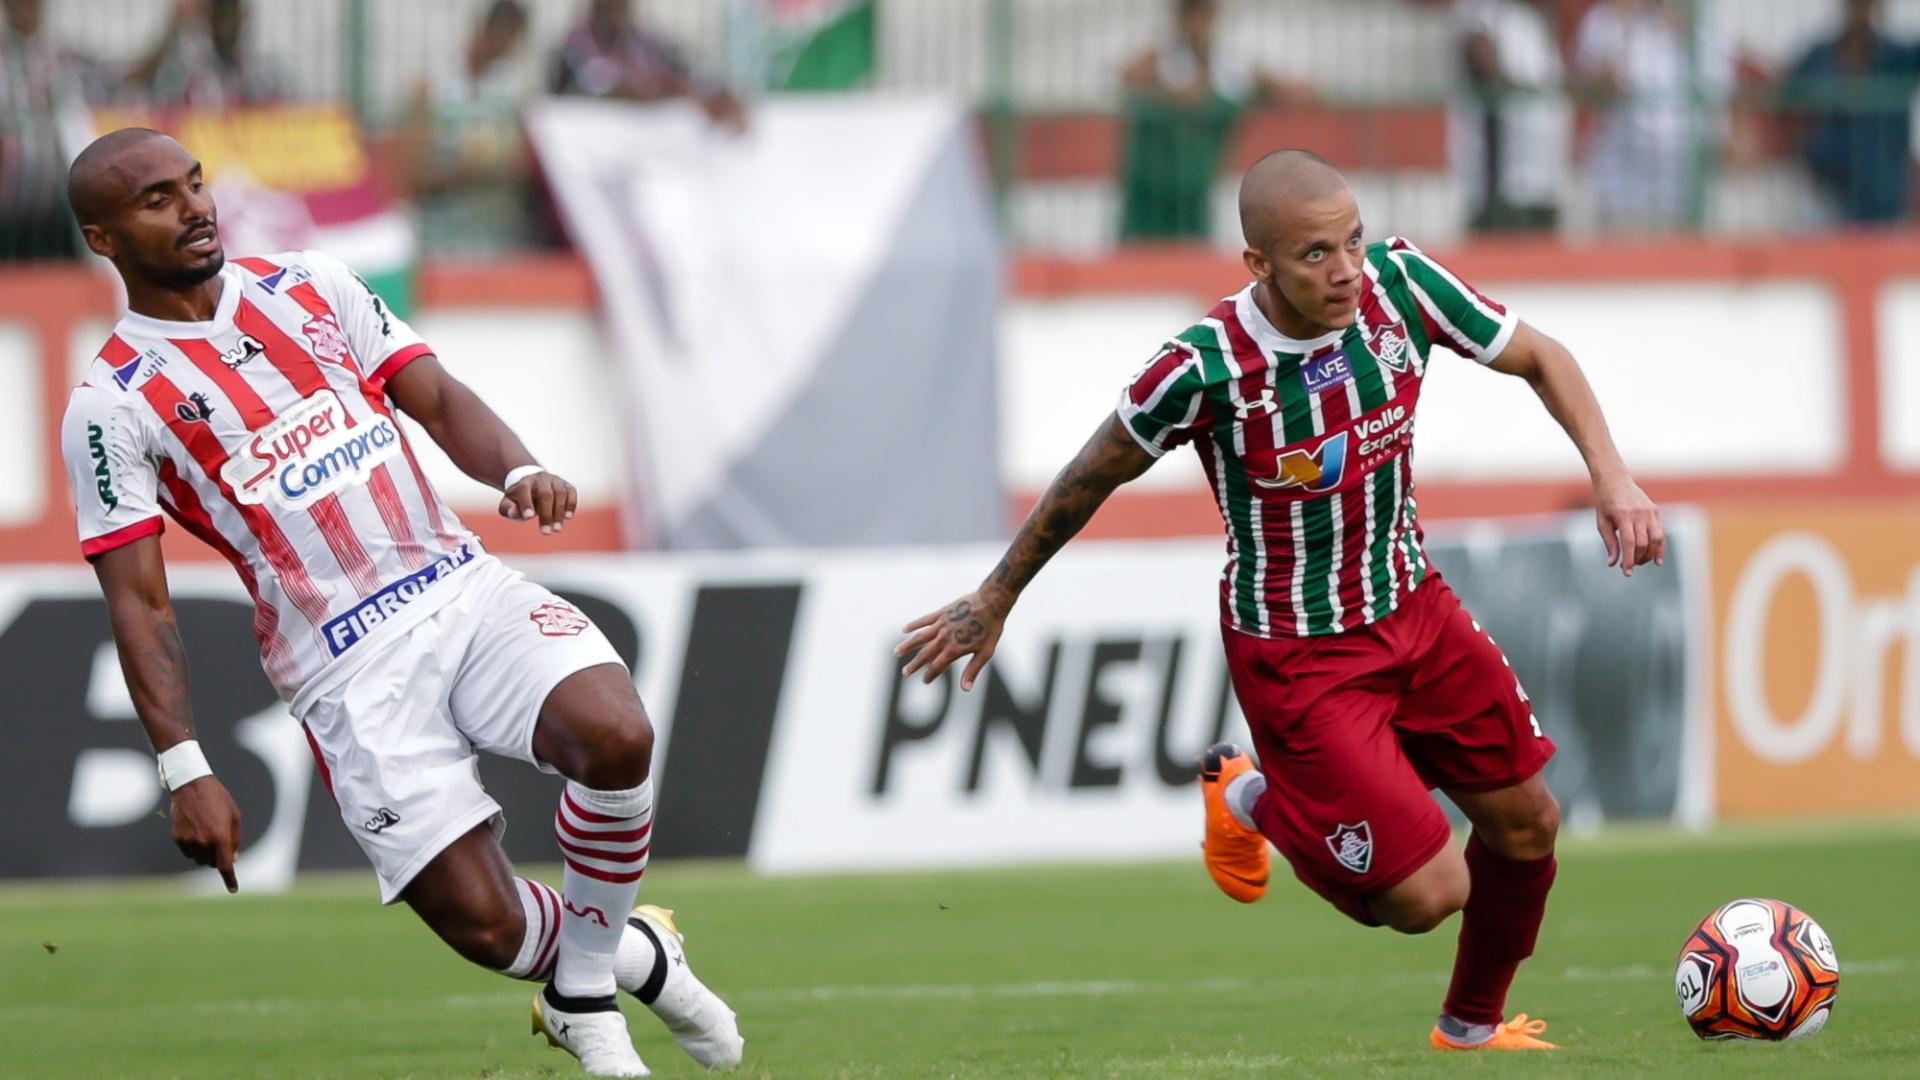 Marcos Júnior conduz a bola na partida Bangu x Fluminense pela Taça Rio, segundo turno do Campeonato Carioca, de 2018